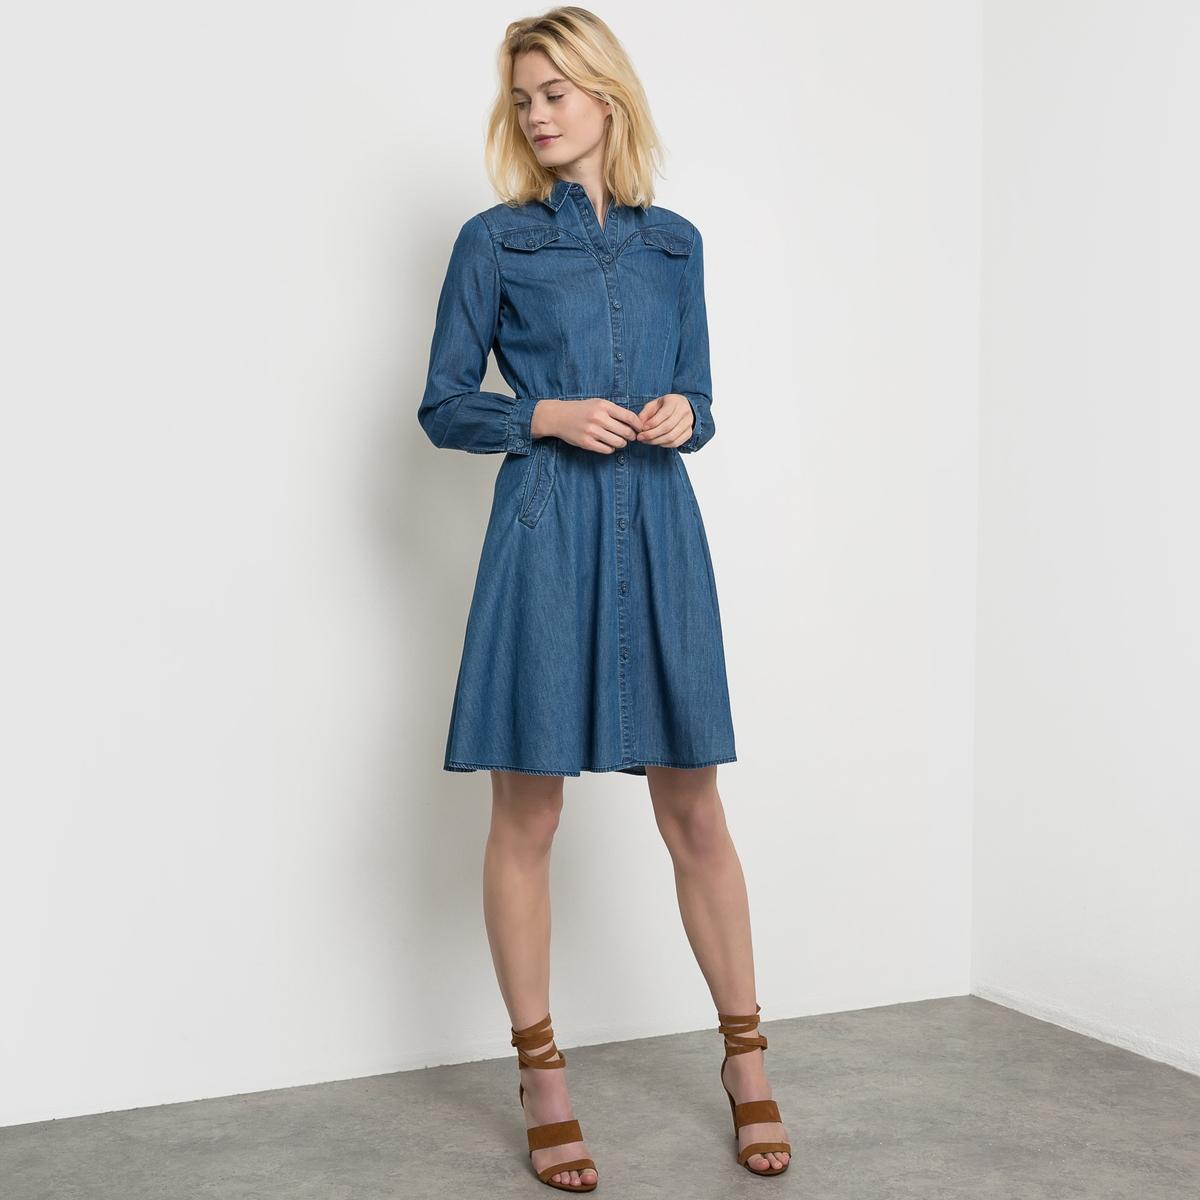 Платье из денимаРазмер 40: Длина по спинке: 102 смРазмер 38: Длина по спинке: 99 см<br><br>Цвет: синий потертый<br>Размер: 44 (FR) - 50 (RUS)